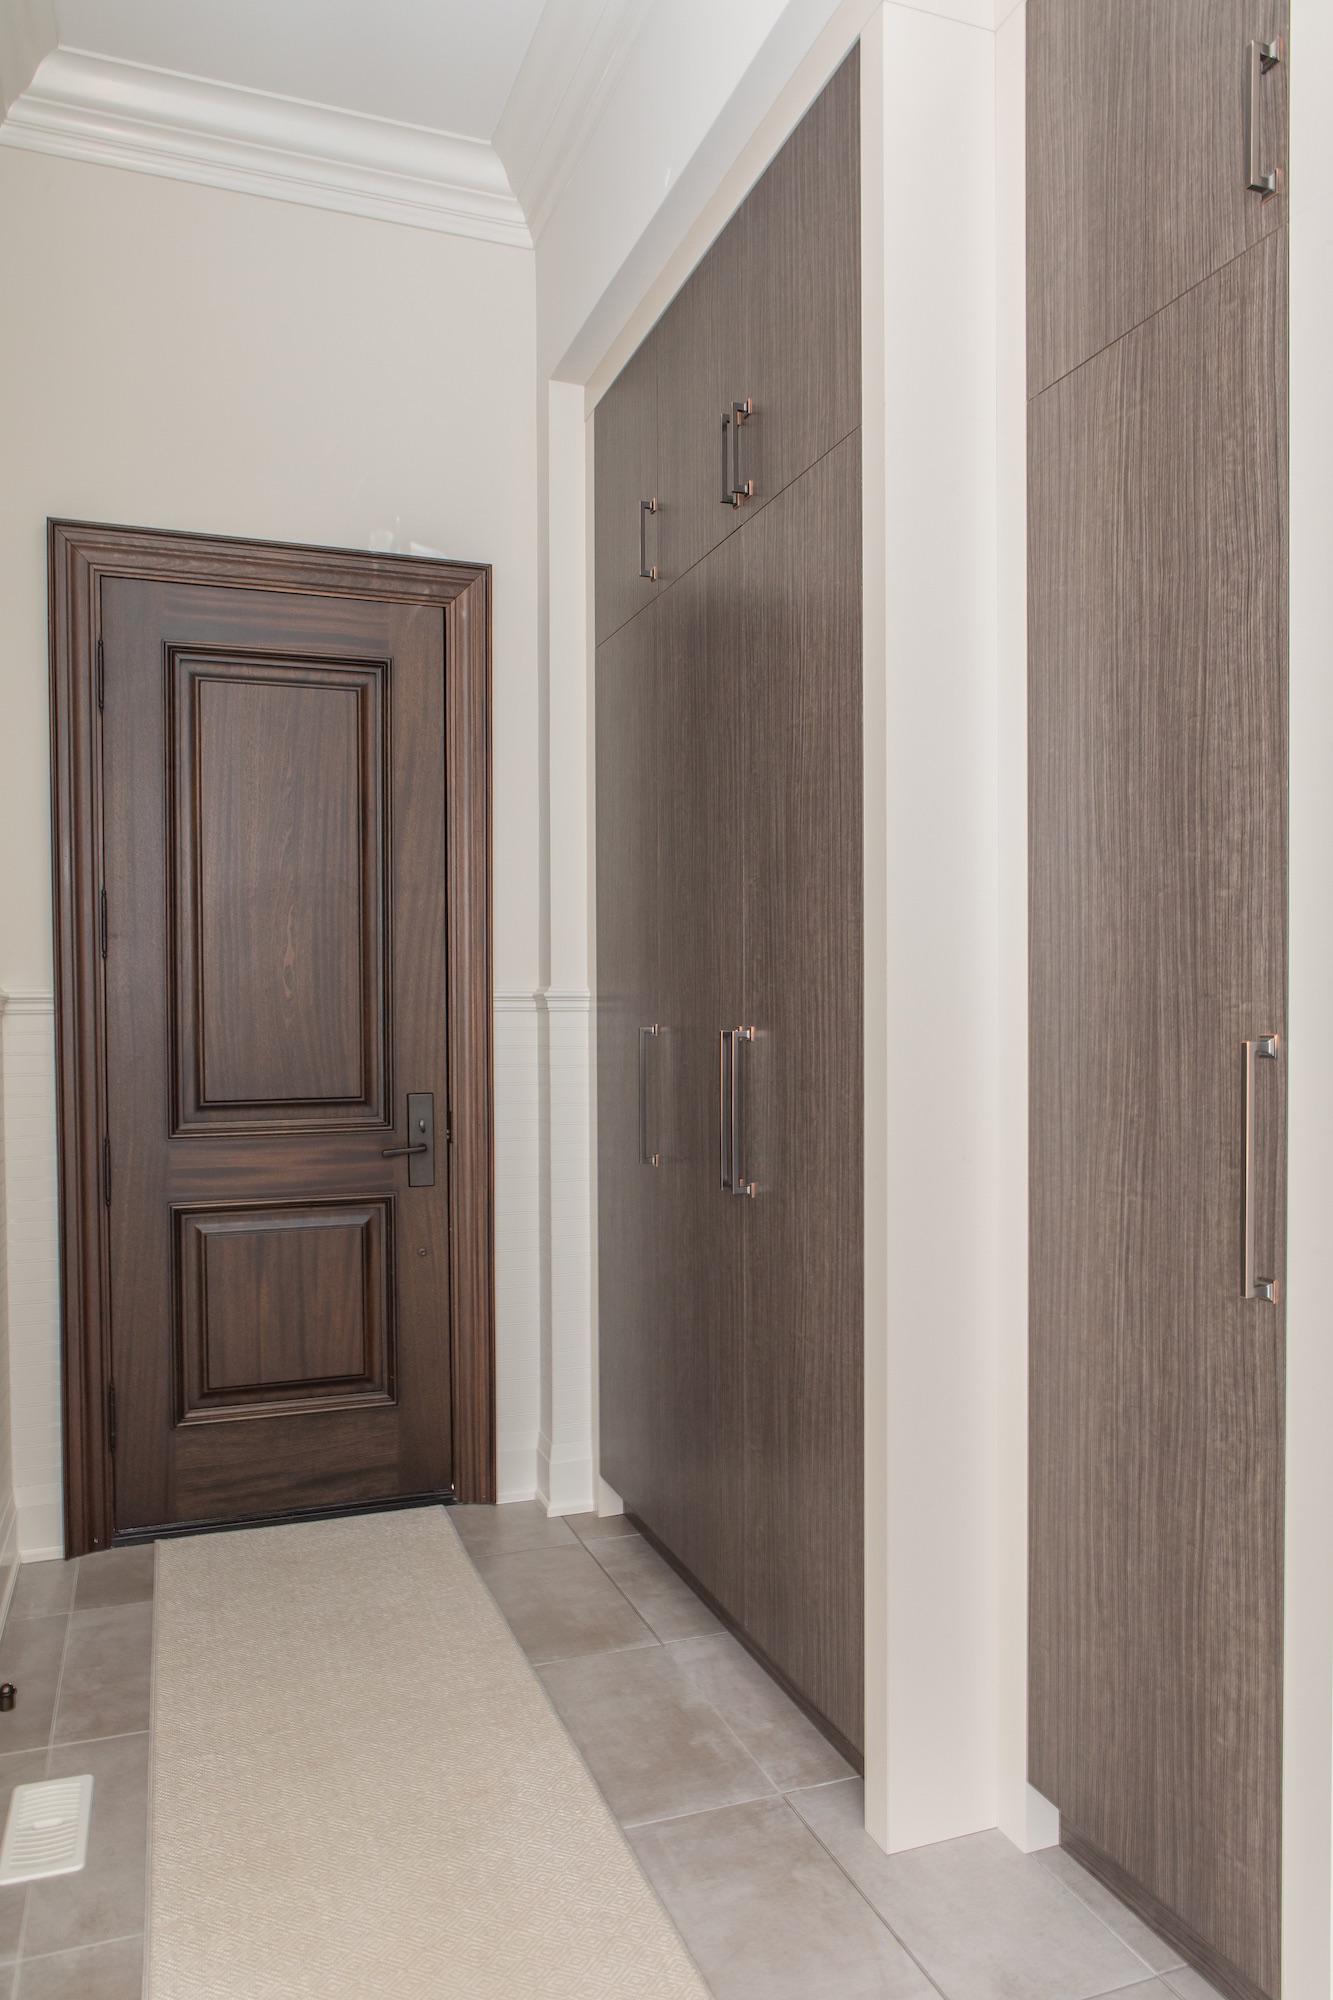 Wood door with closets